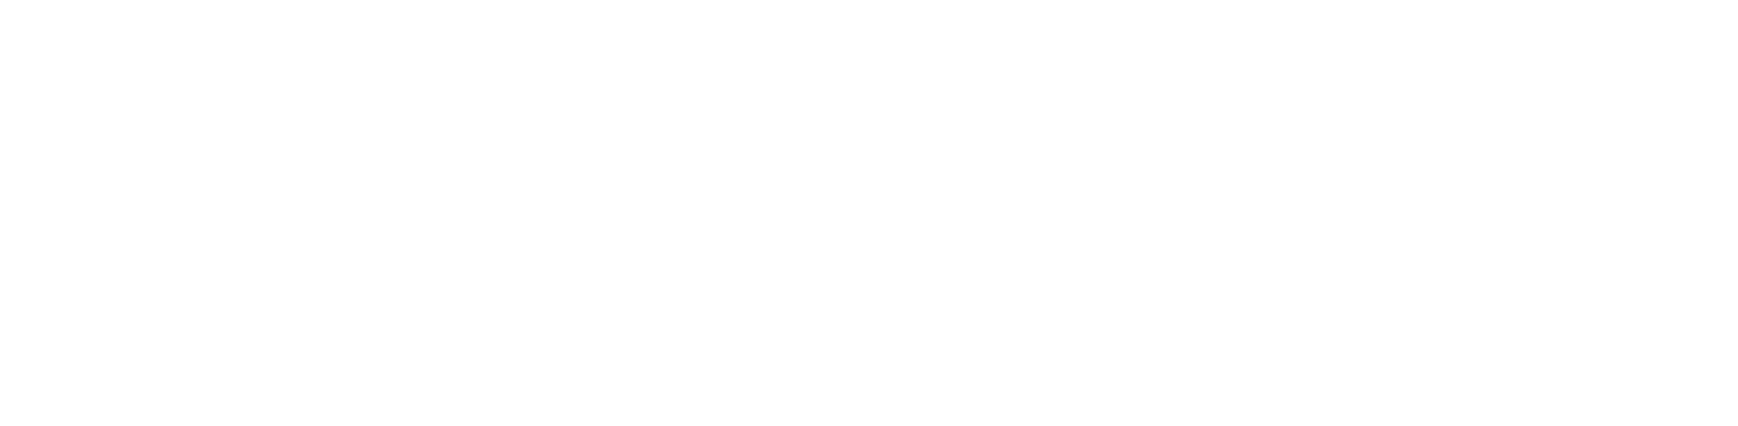 Cemit logo